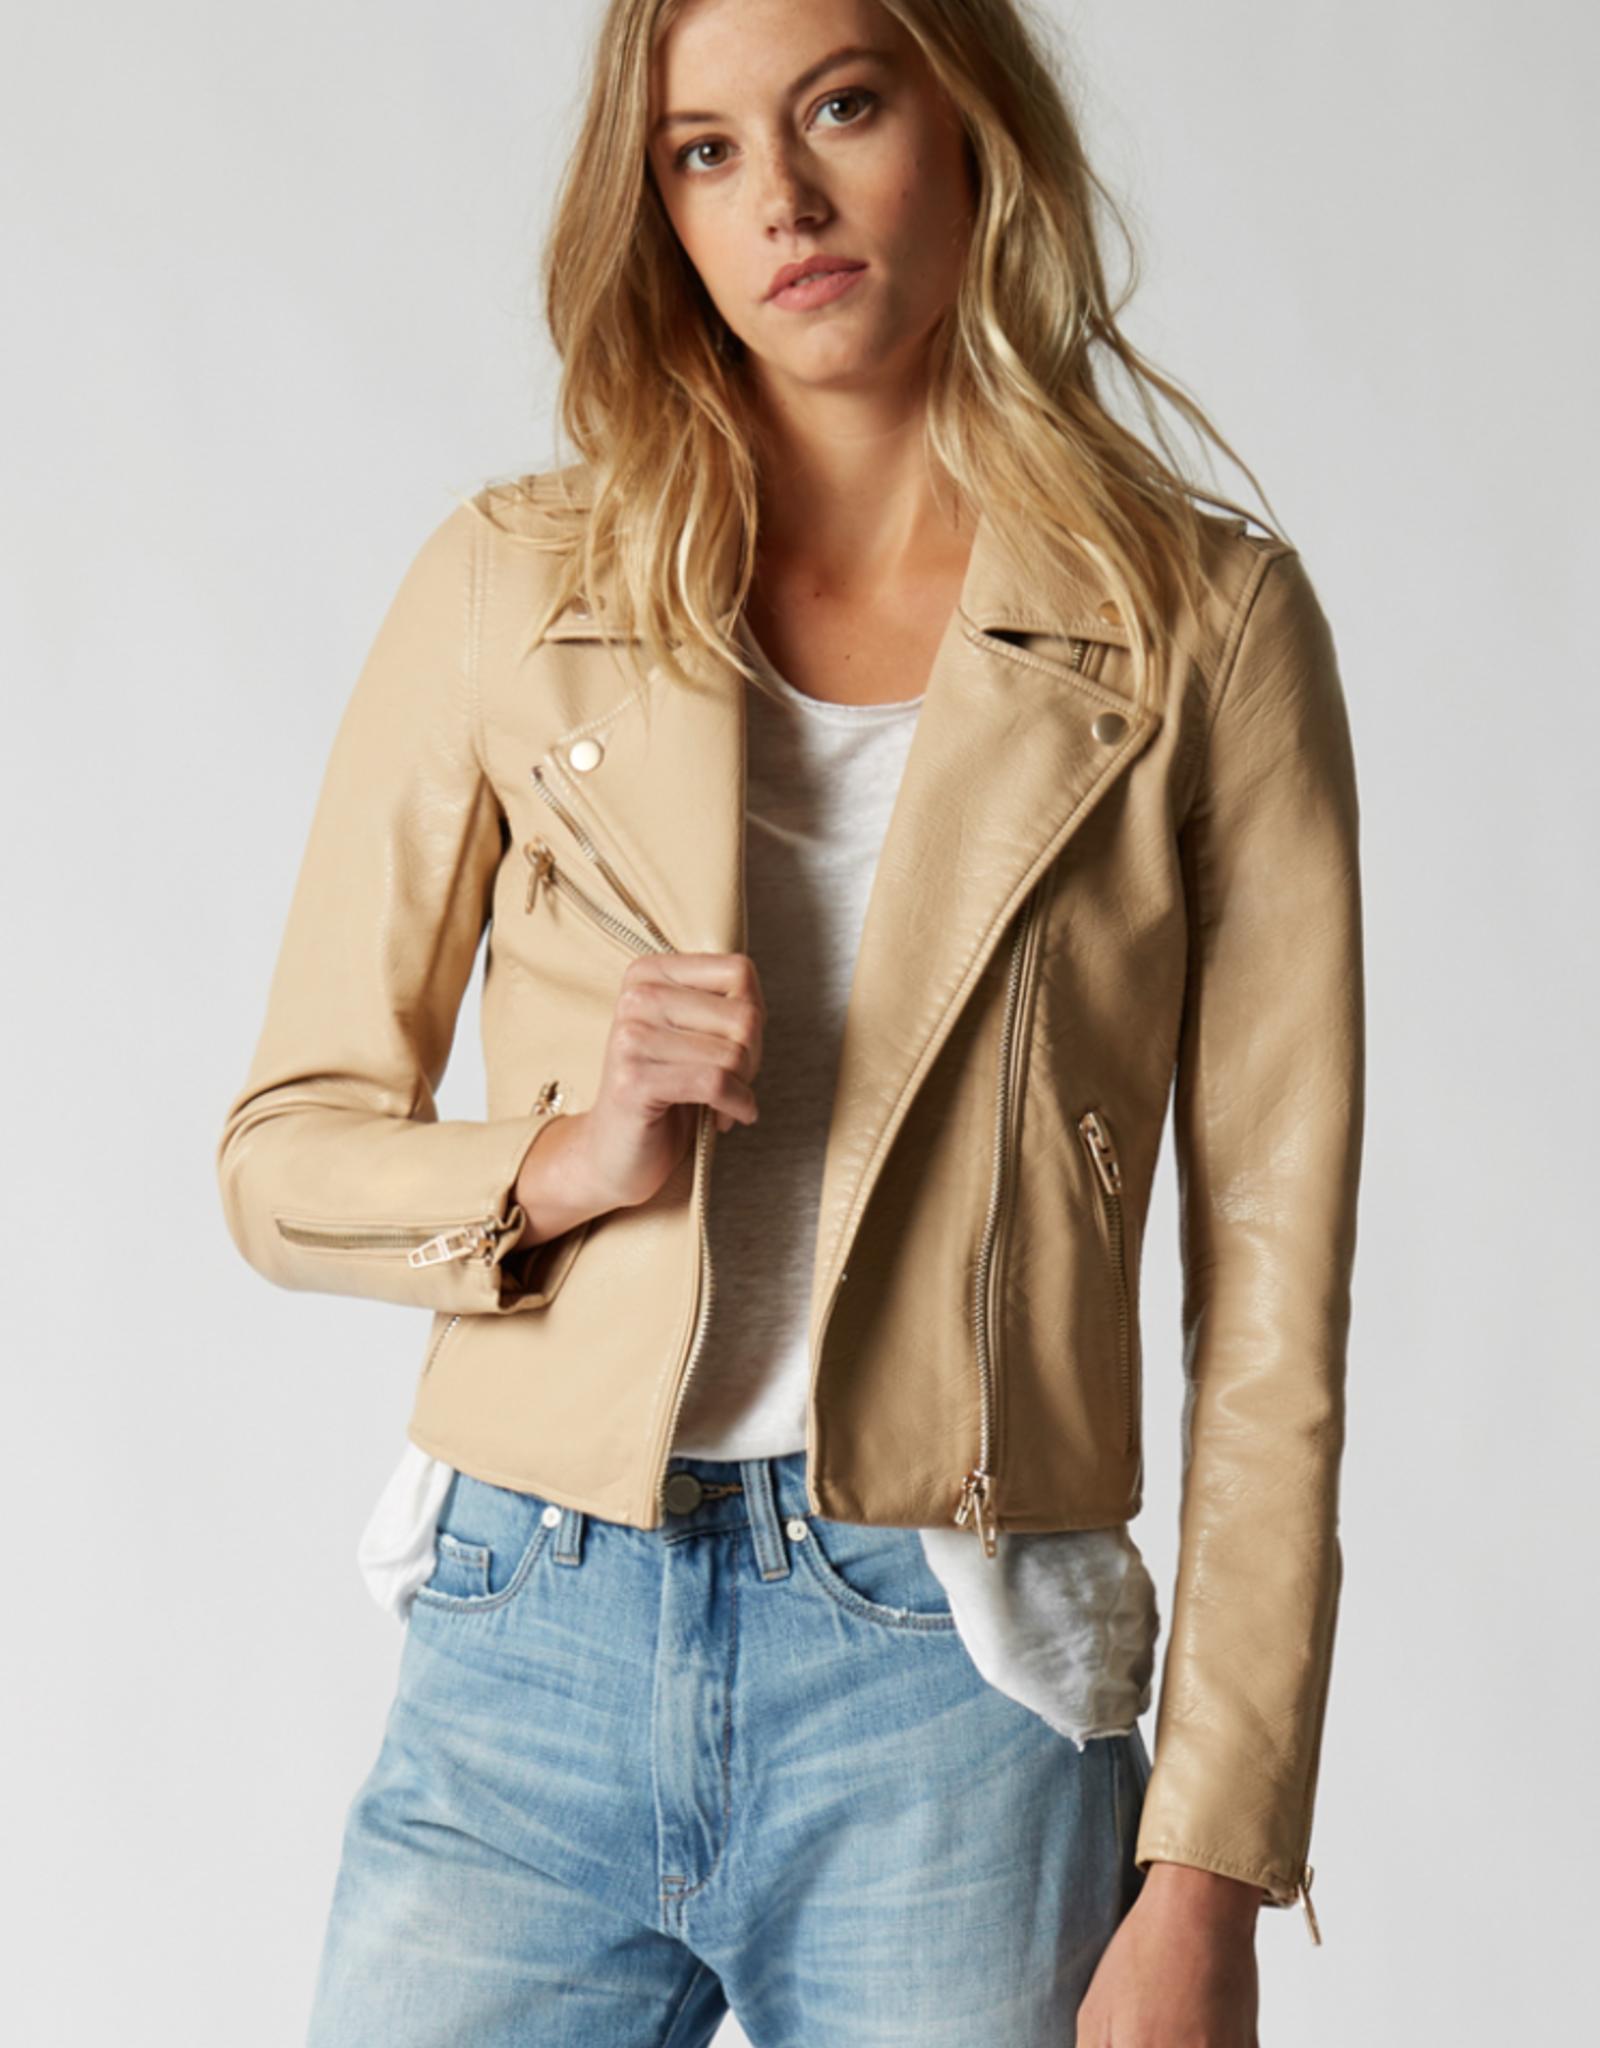 BlankNYC BlankNYC Vegan Leather Natural Light Moto Jacket